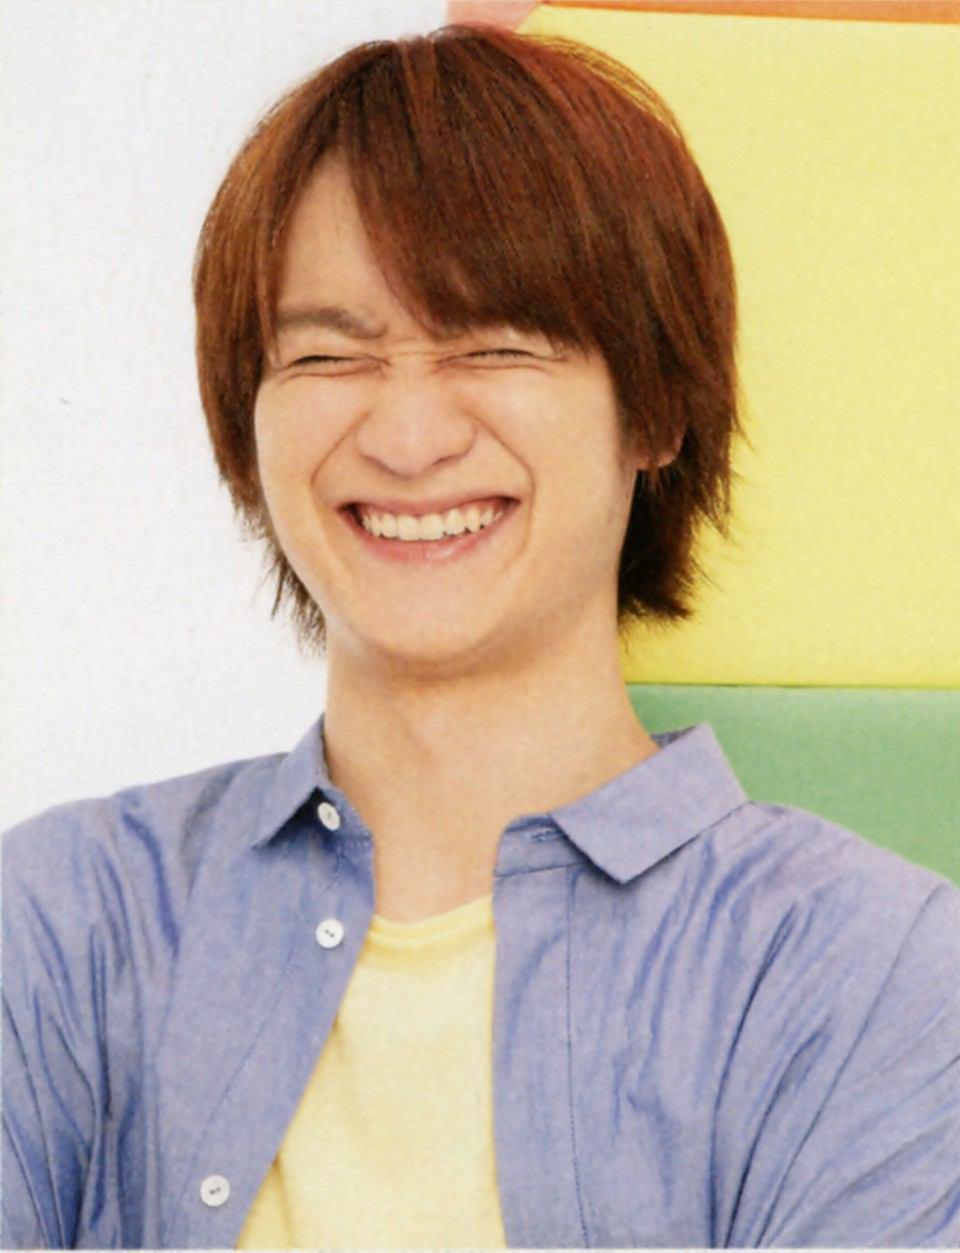 笑顔kismyft2